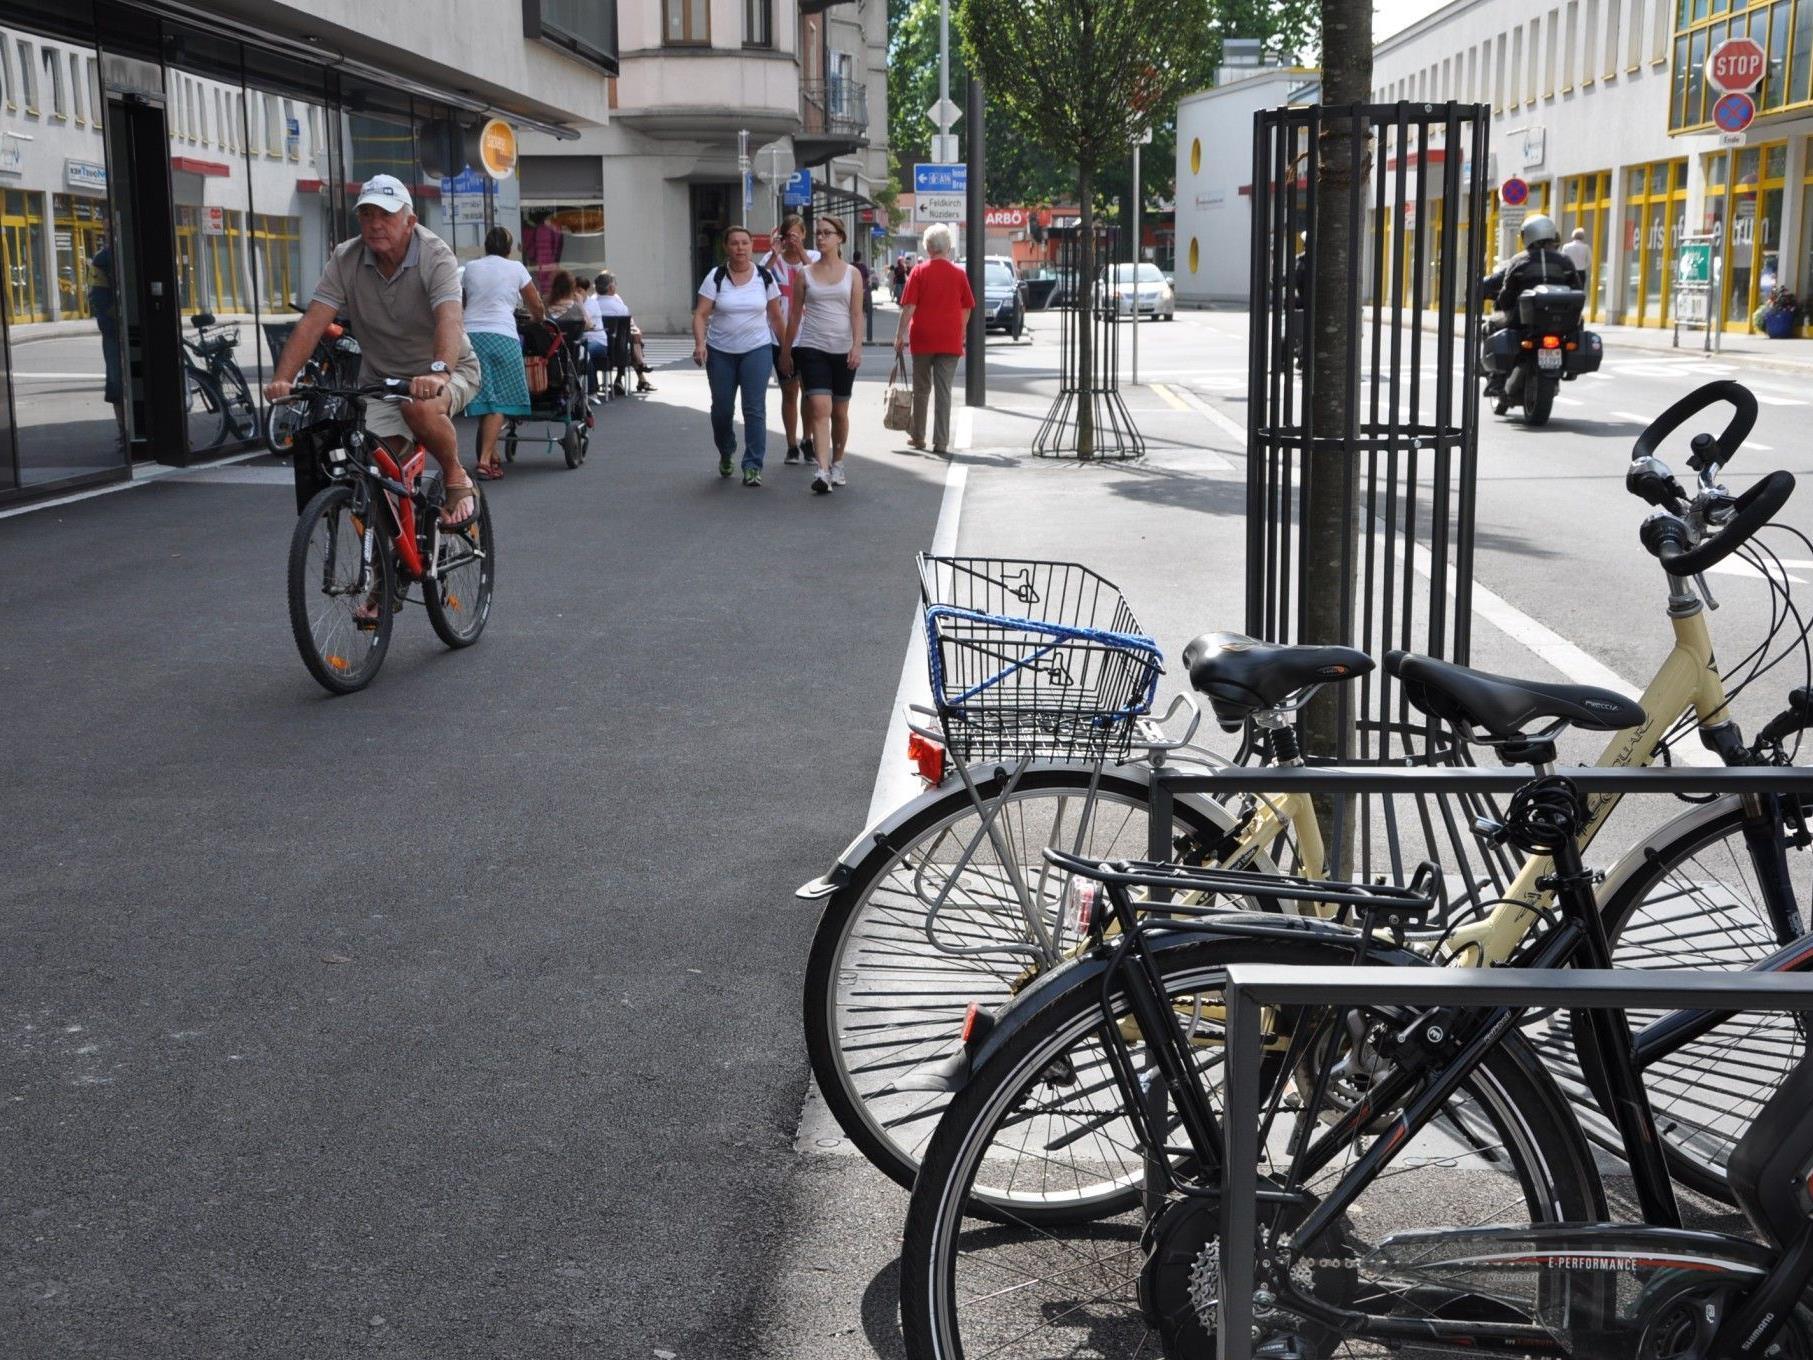 Bei Straßenplanungen wird der Fahrradfreundlichkeit noch mehr Beachtung geschenkt – wie hier am neuen Bahnhofplatz in Bludenz.